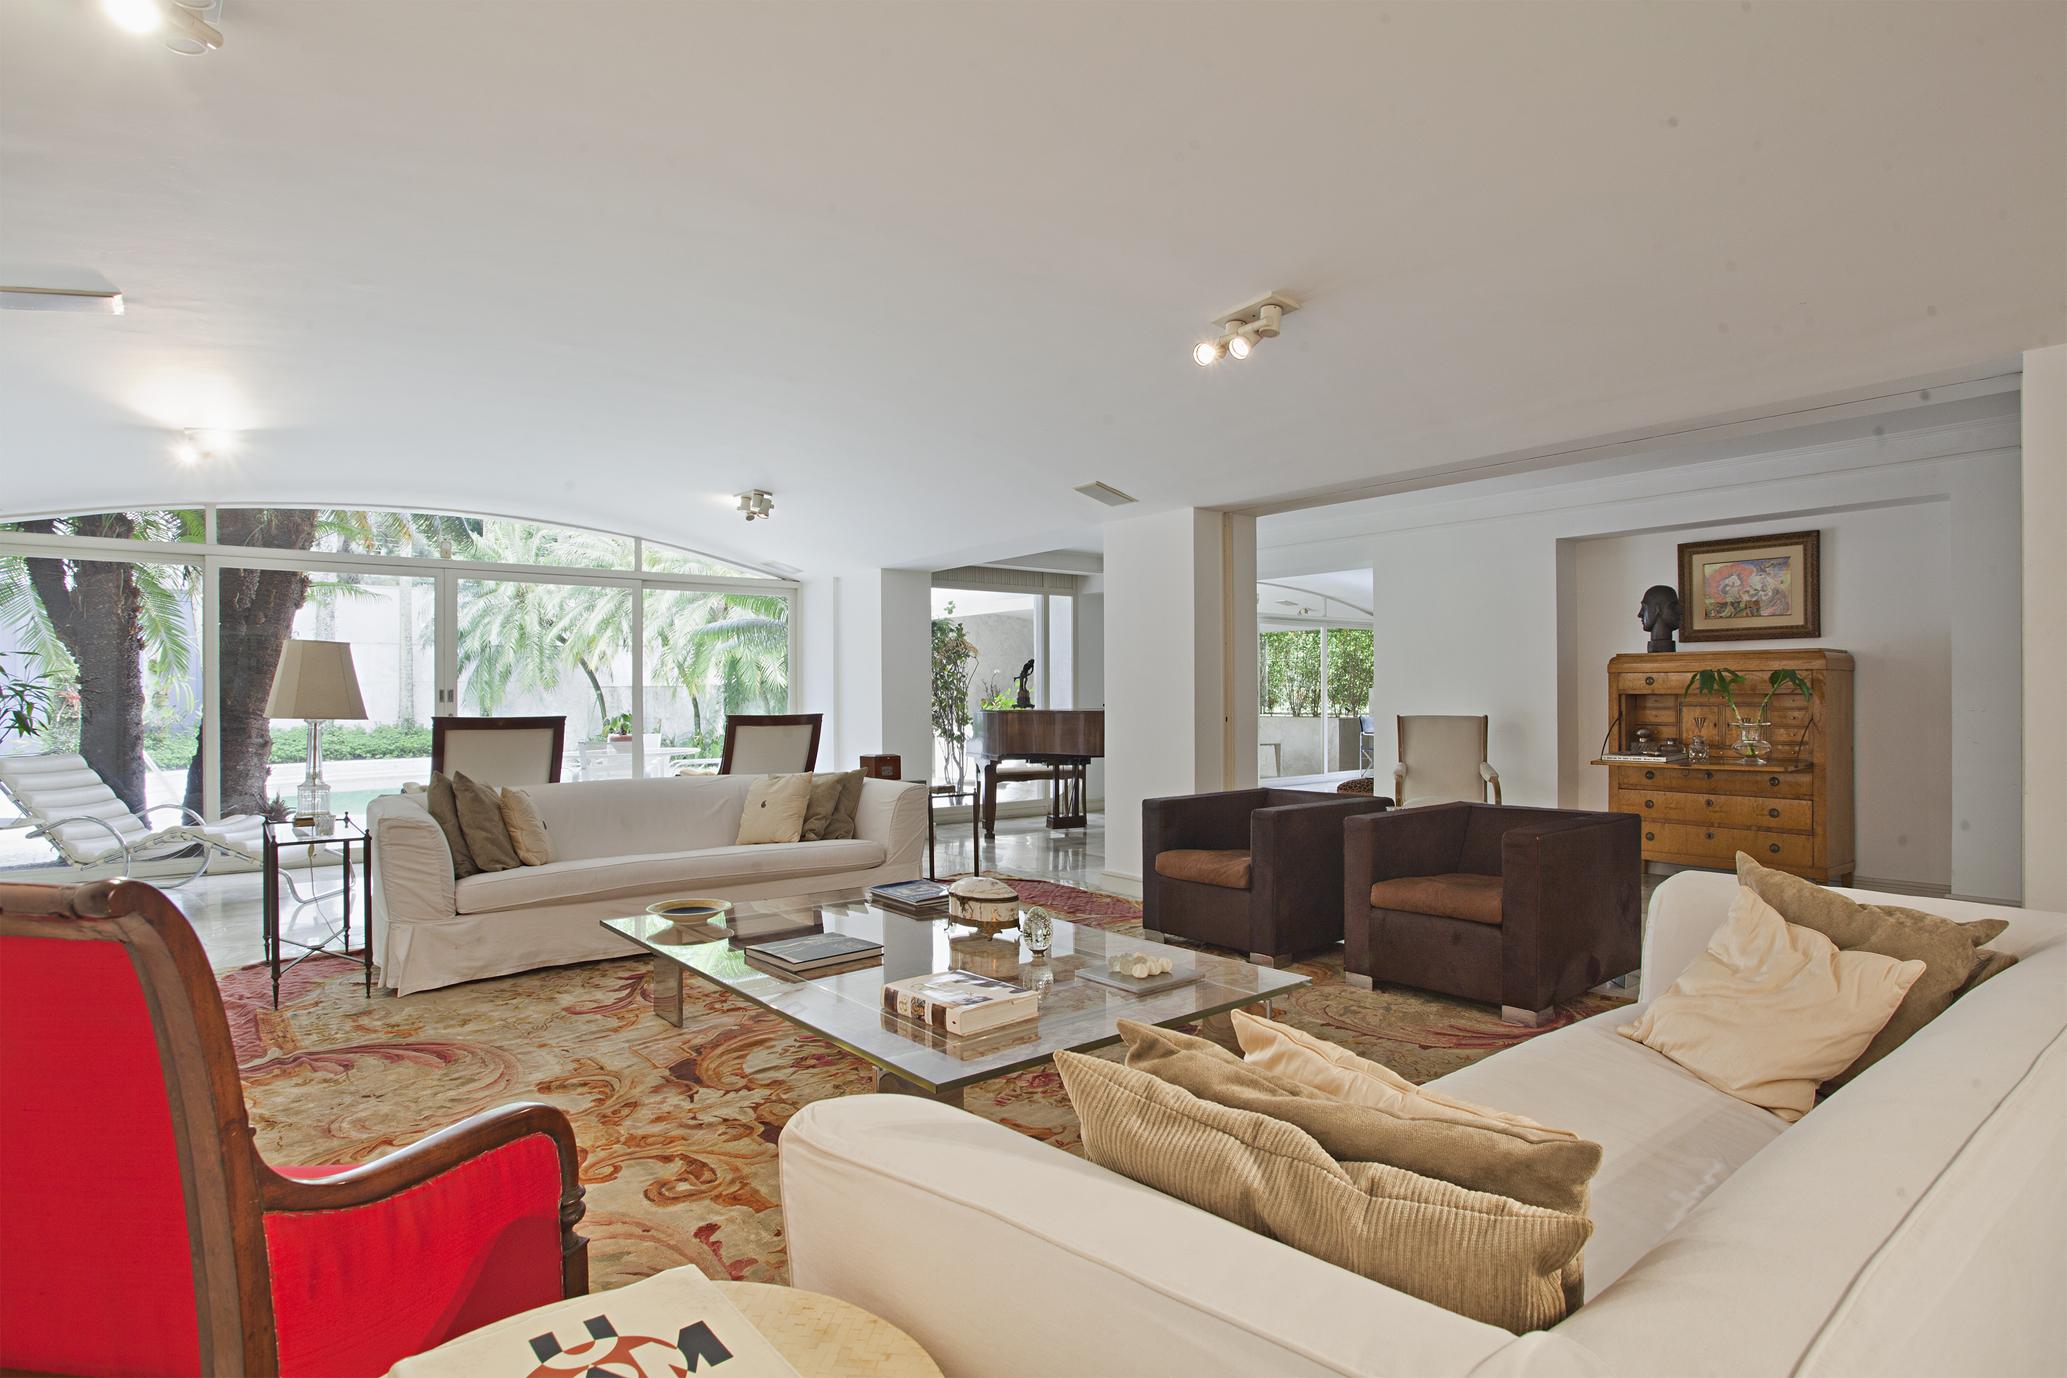 단독 가정 주택 용 매매 에 Exquisite Residence Rua Holanda Sao Paulo, 상파울로, 01446030 브라질